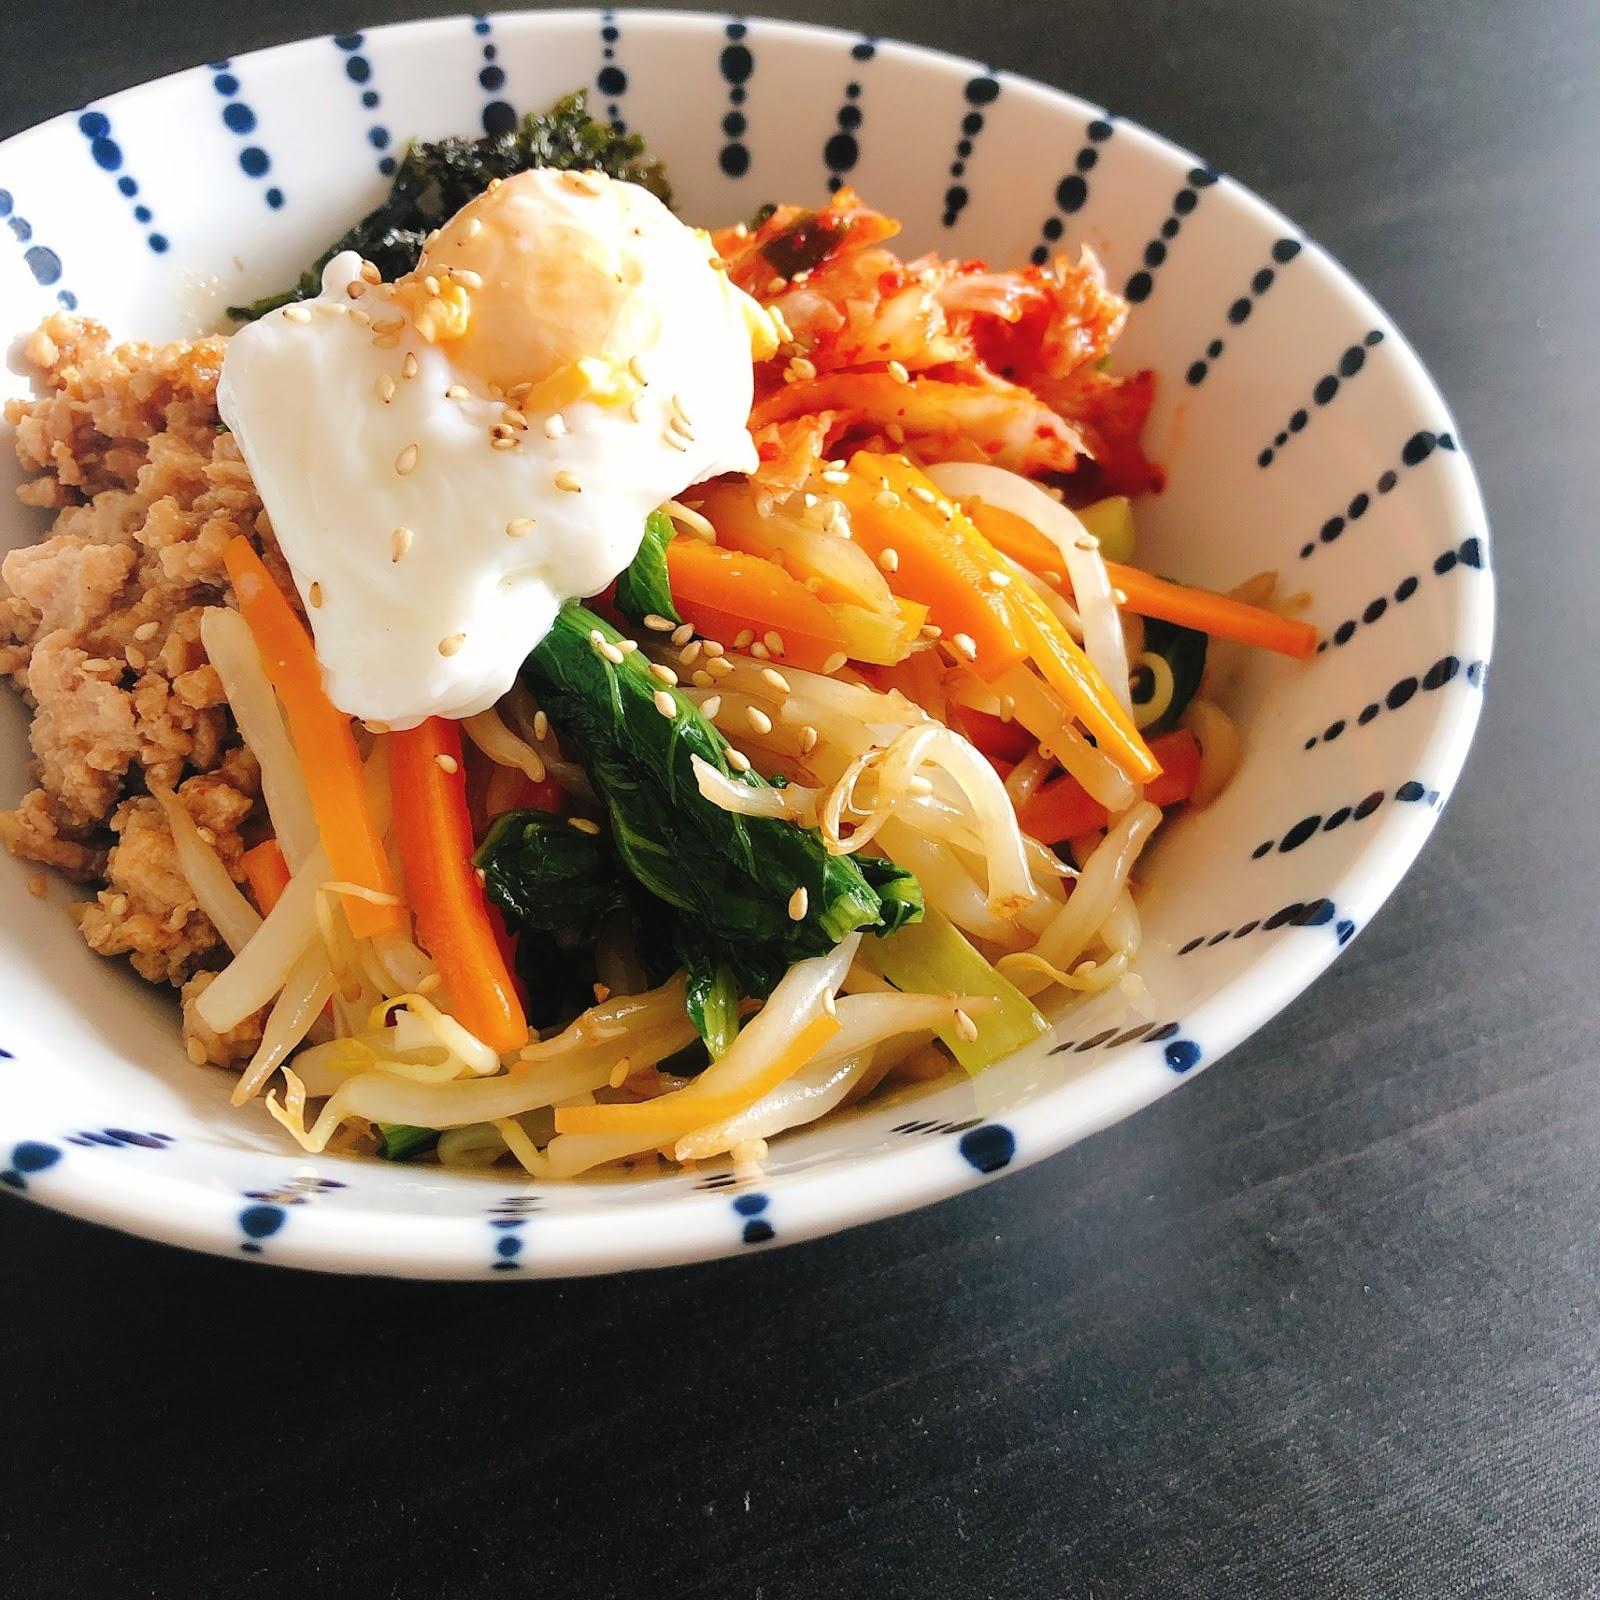 韓国料理 ダイエット レシピ ビビンバ